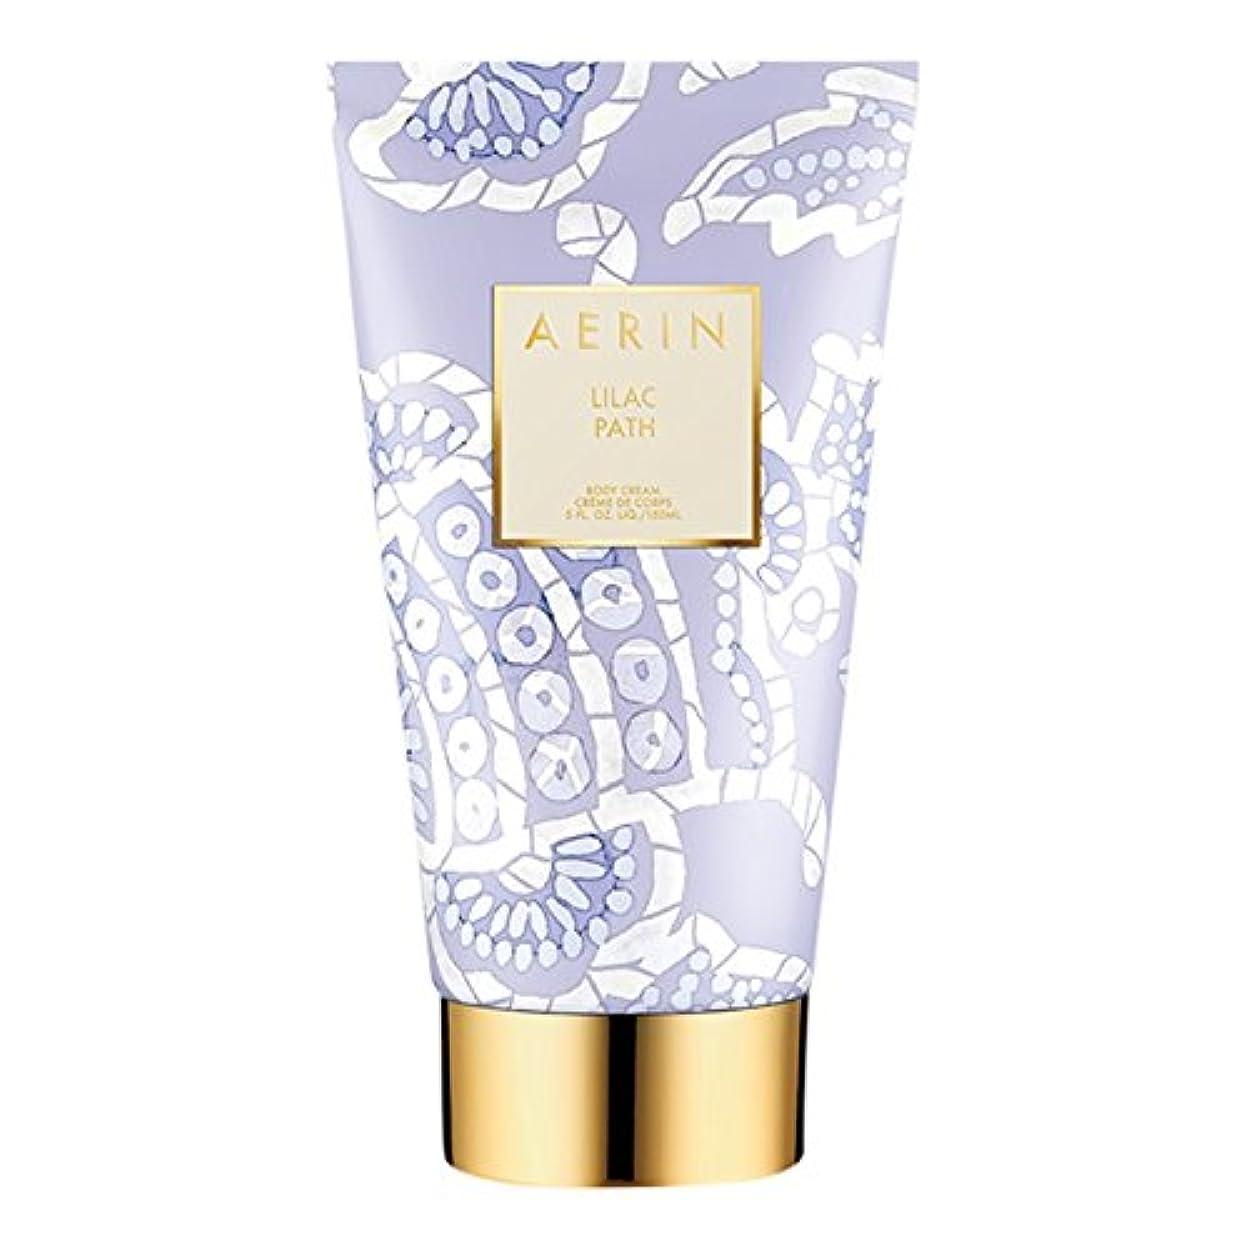 不名誉おとうさんナイロンAerinライラックパスボディクリーム150ミリリットル (AERIN) (x2) - AERIN Lilac Path Body Cream 150ml (Pack of 2) [並行輸入品]